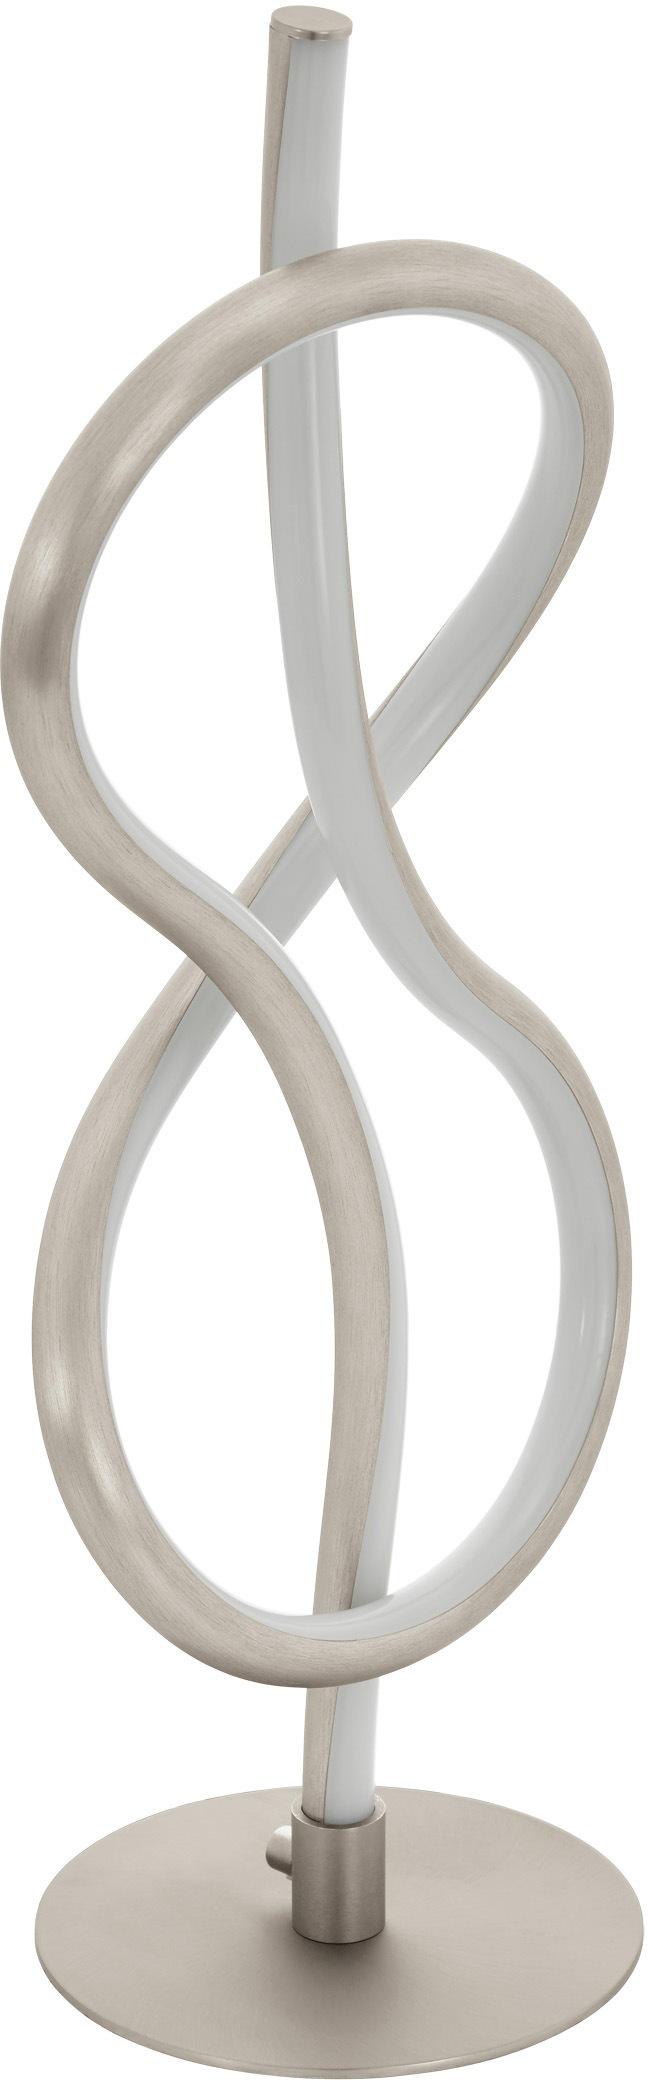 EGLO Tischleuchte NOVAFELTRIA, LED-Board, Warmweiß